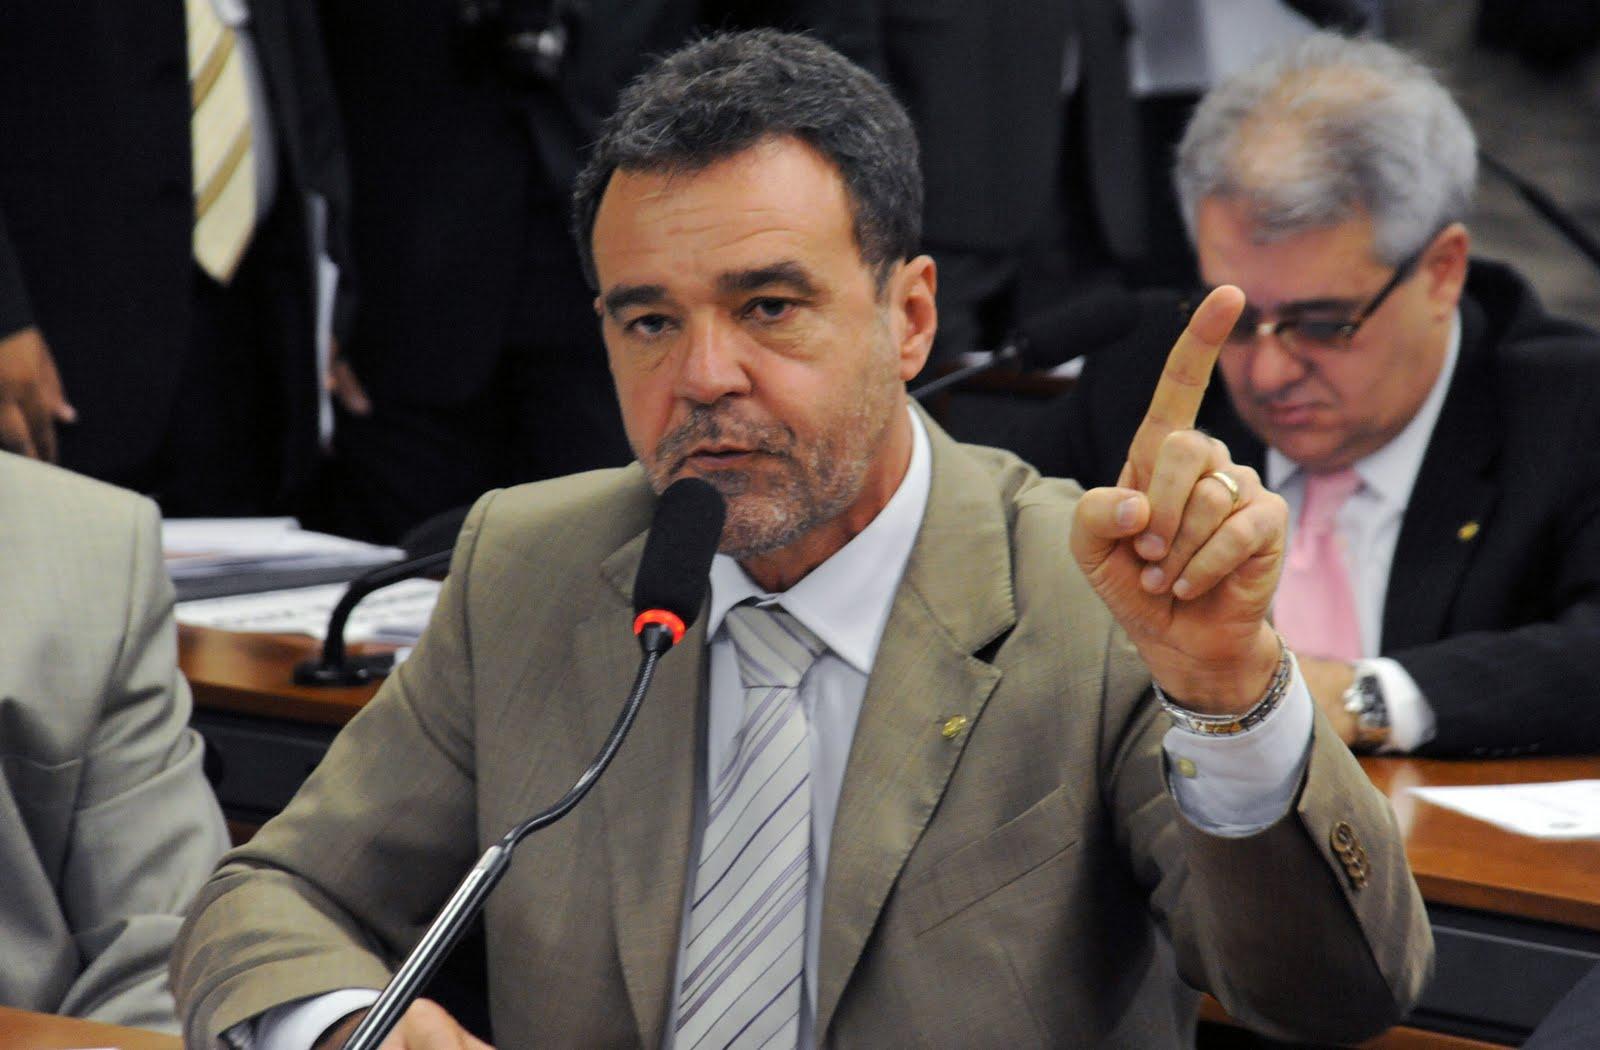 PRE aciona deputado Daniel Almeida e ex-candidato do PCdoB por compra de votos.